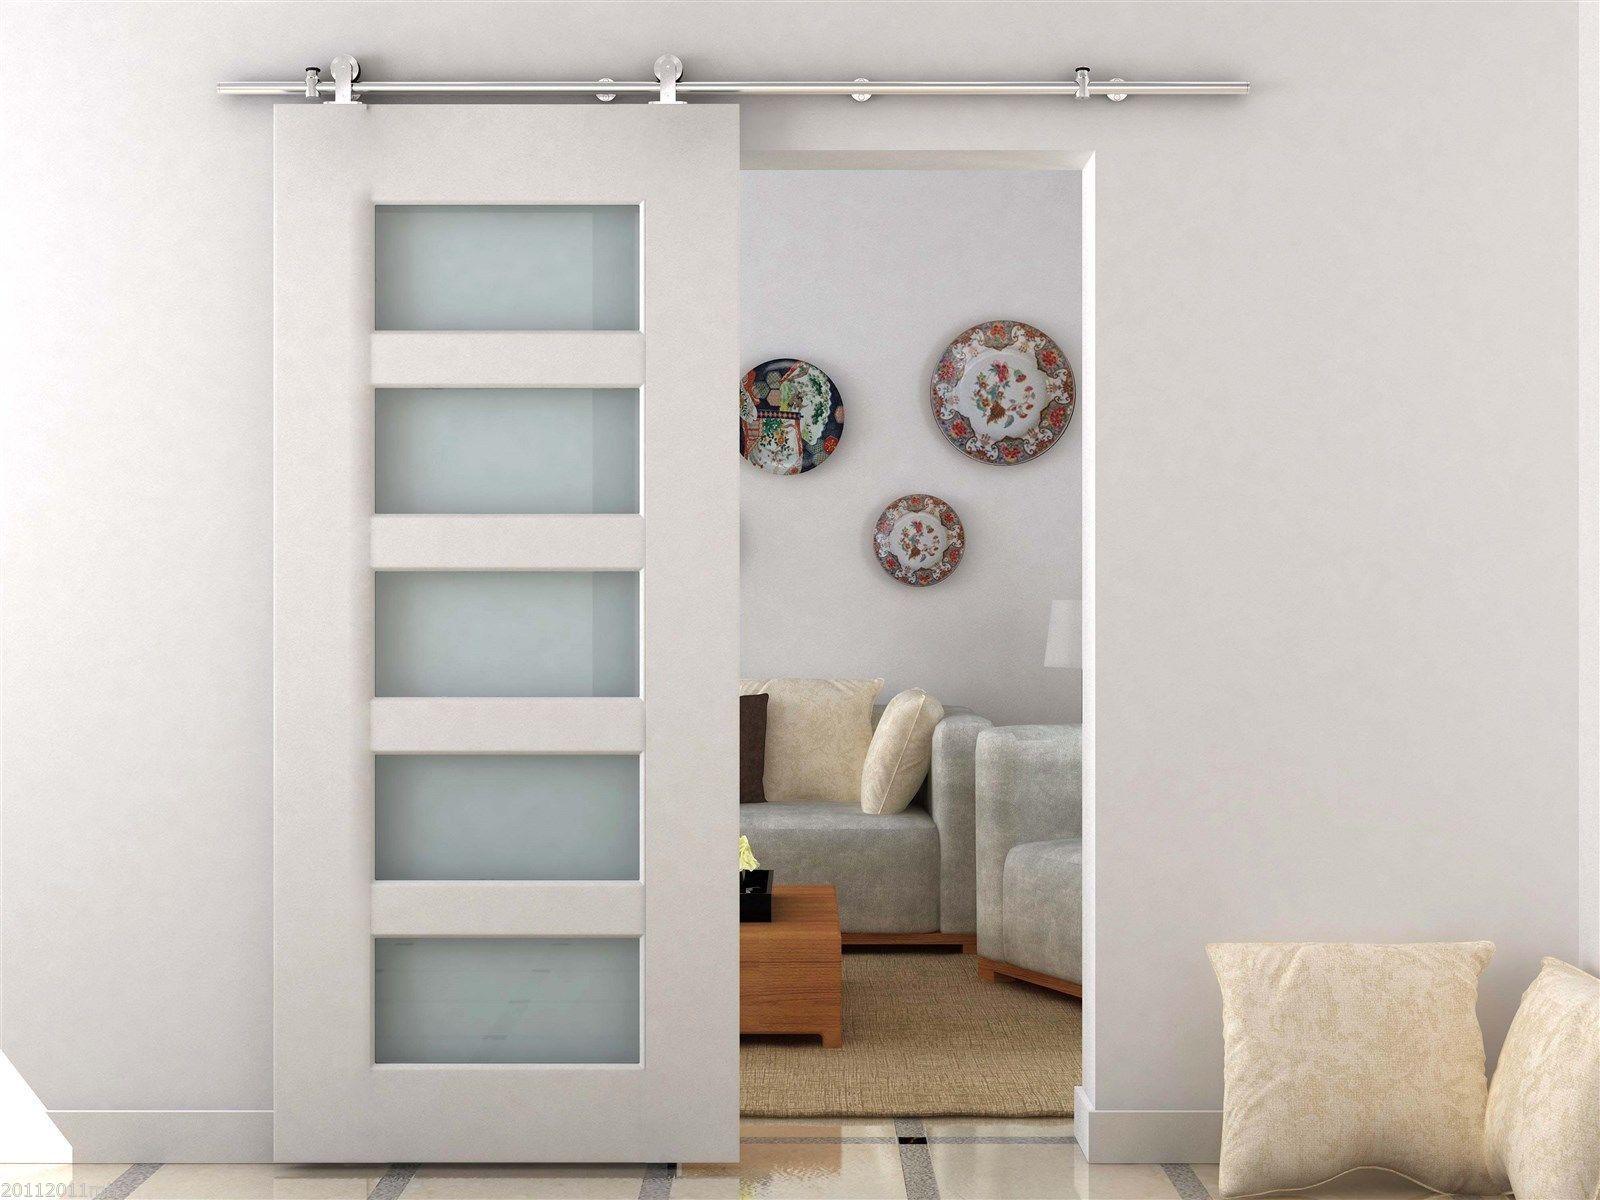 6-6-039-Modern-Style-Stainless-Steel-Sliding-Barn-Door-Hardware-Track-Rail-Kit-Pack